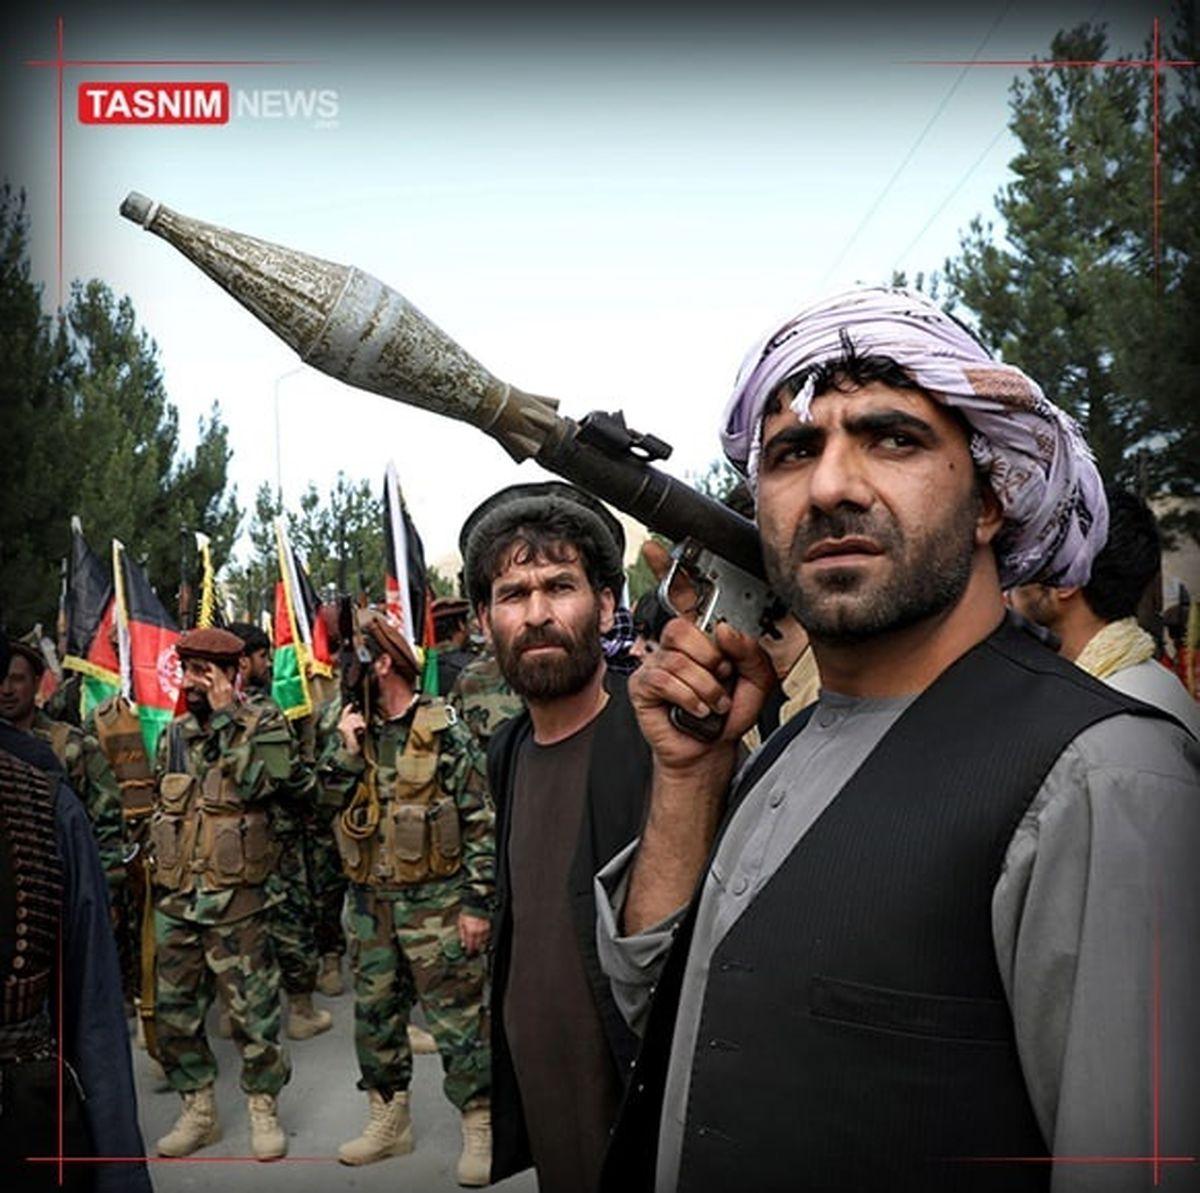 دیدگاه عجیب طالبان درباره حجاب زنان + فیلم لو رفته